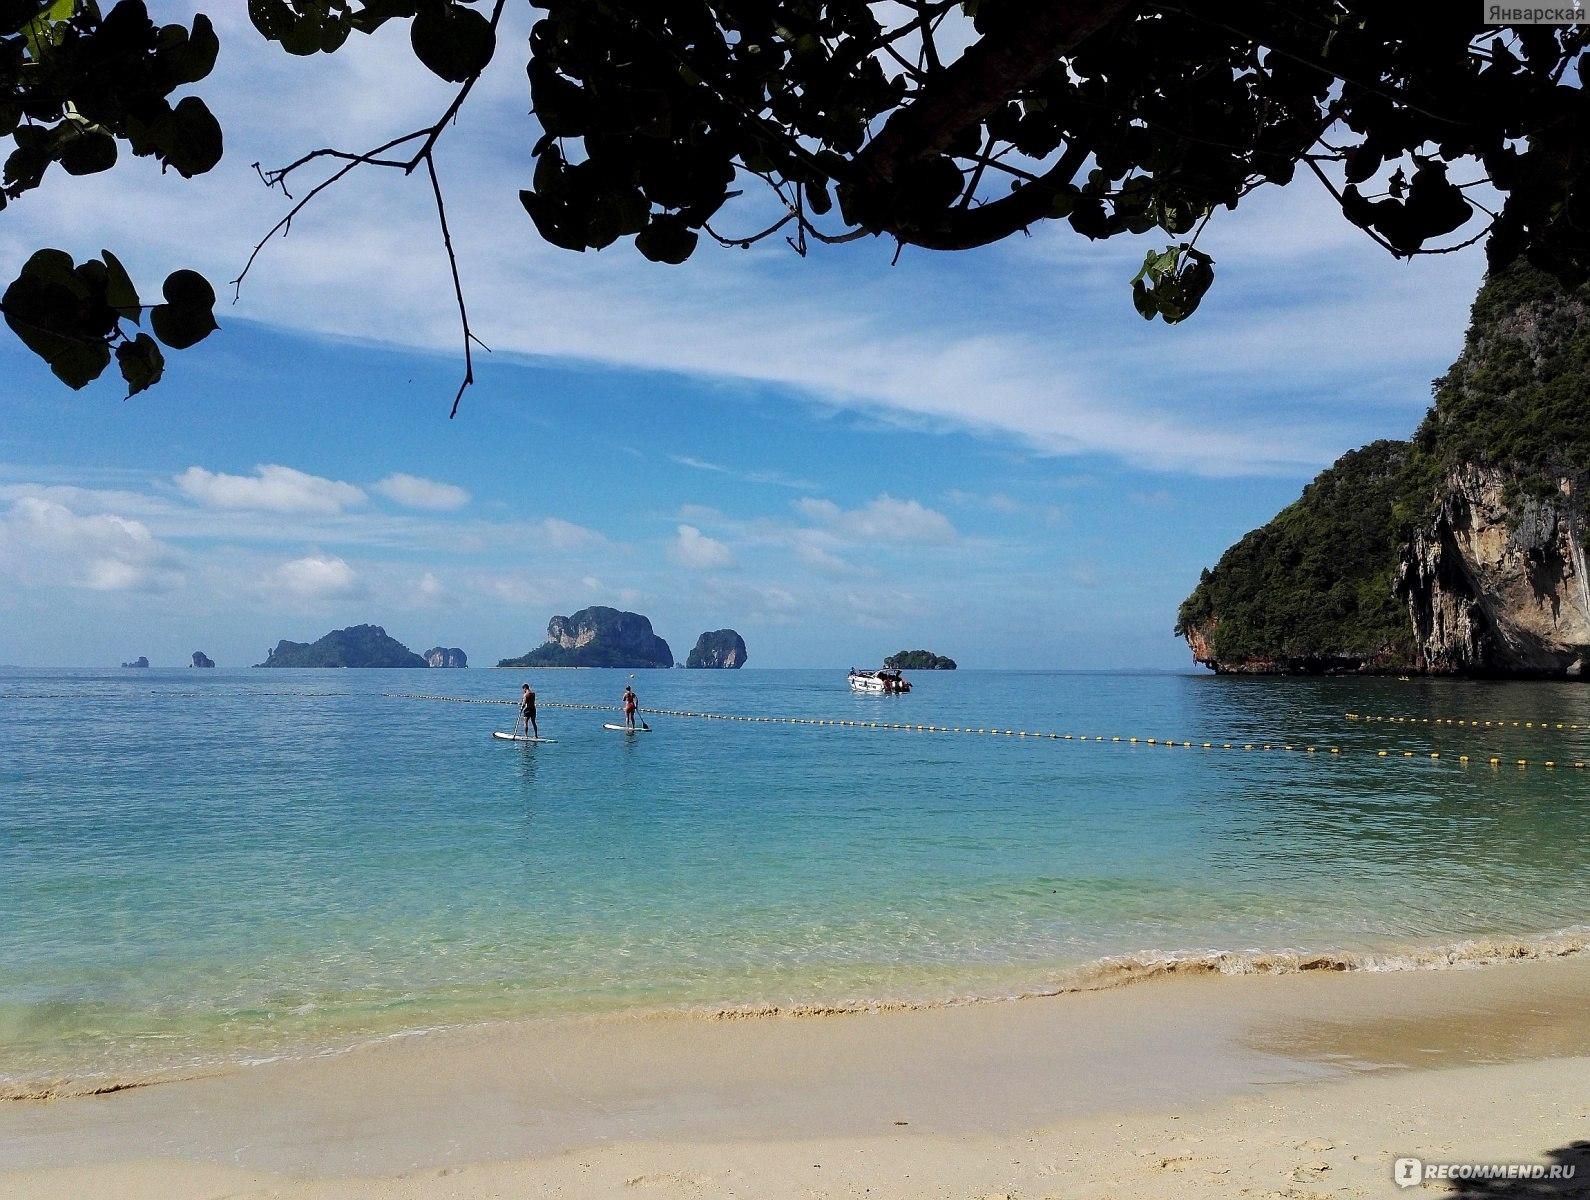 искал легких лучшие пляжи тайланда отзывы фото упрекают большом количестве